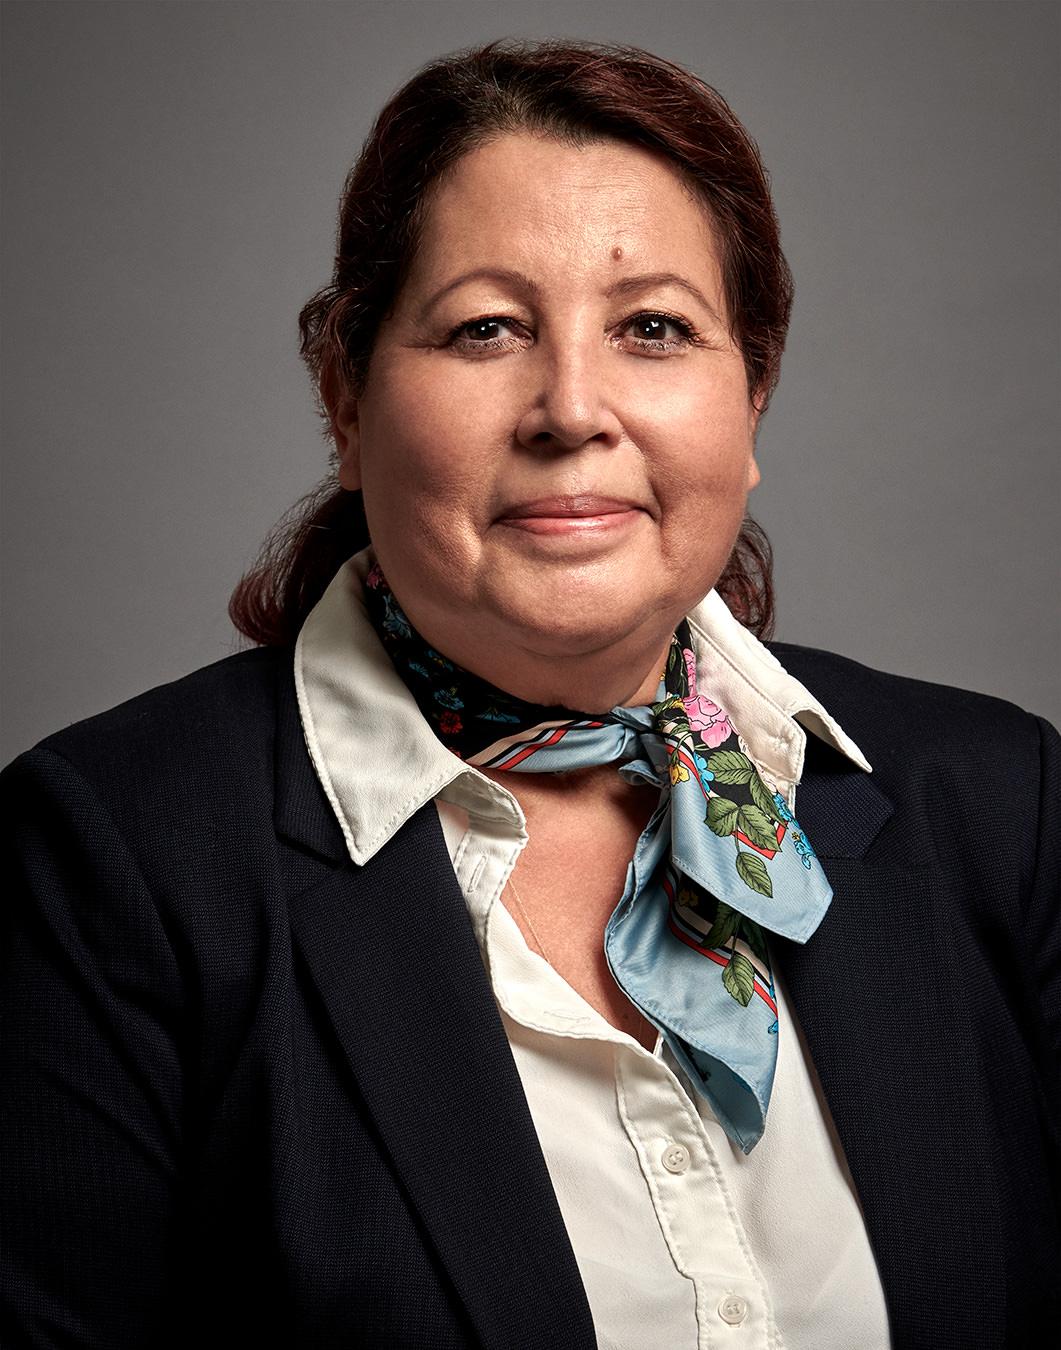 Olga Schriefer; Senior Site Interviewer